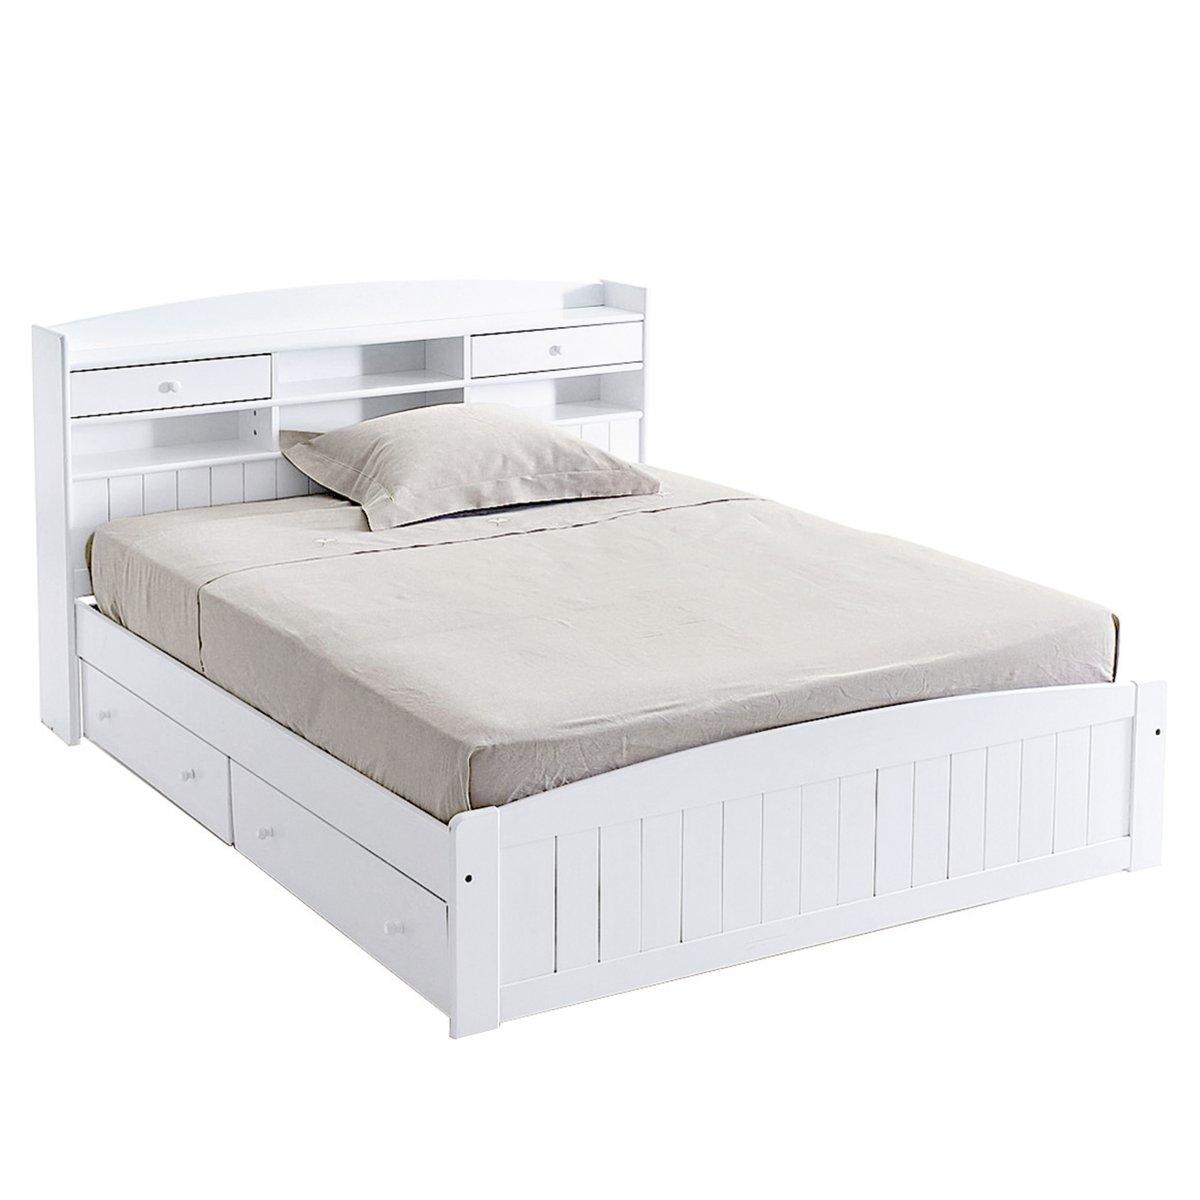 Кровать La Redoute С изголовьем Grimsby из массива сосны 160 x 200 см белый цены